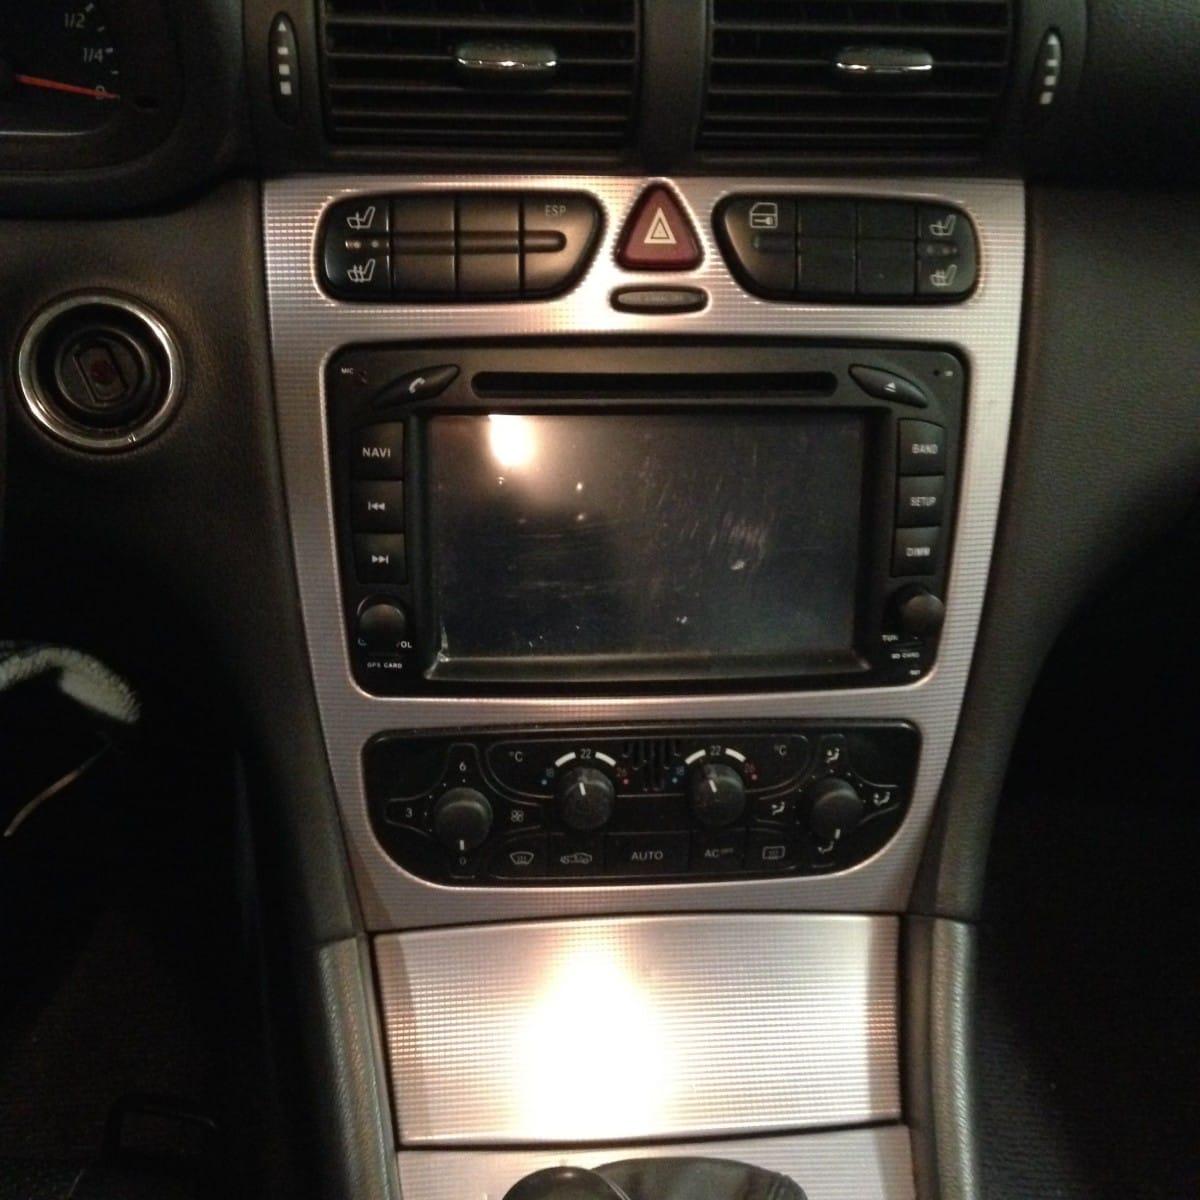 Mercedes w203 radio ausbauen for Mercedes benz w203 radio